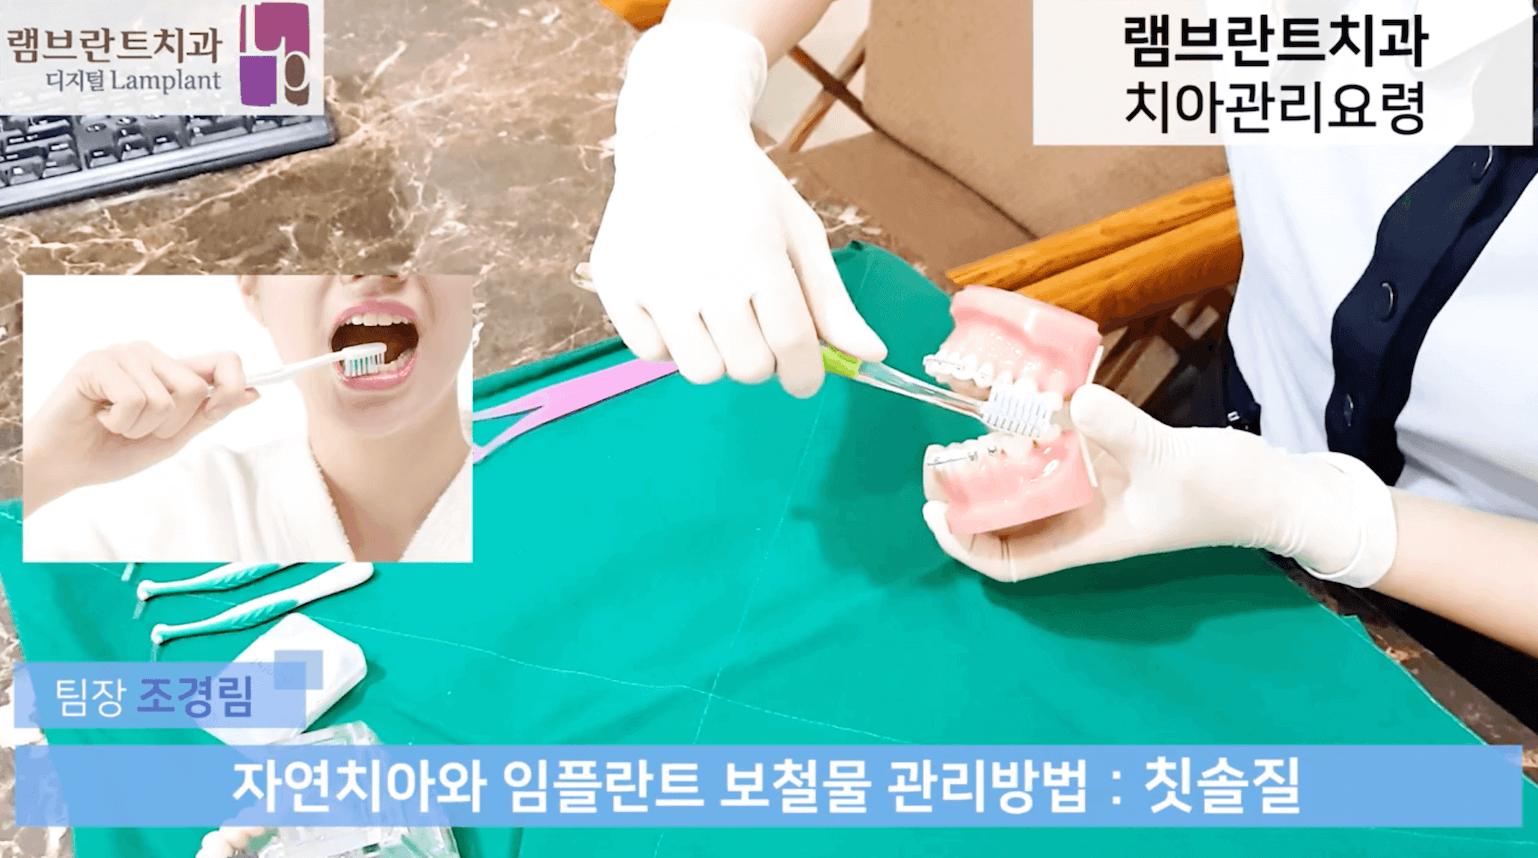 [대전치과,대전충치치료] 치아관리 요령에 대해 알아보기, 권주홍 대표원장